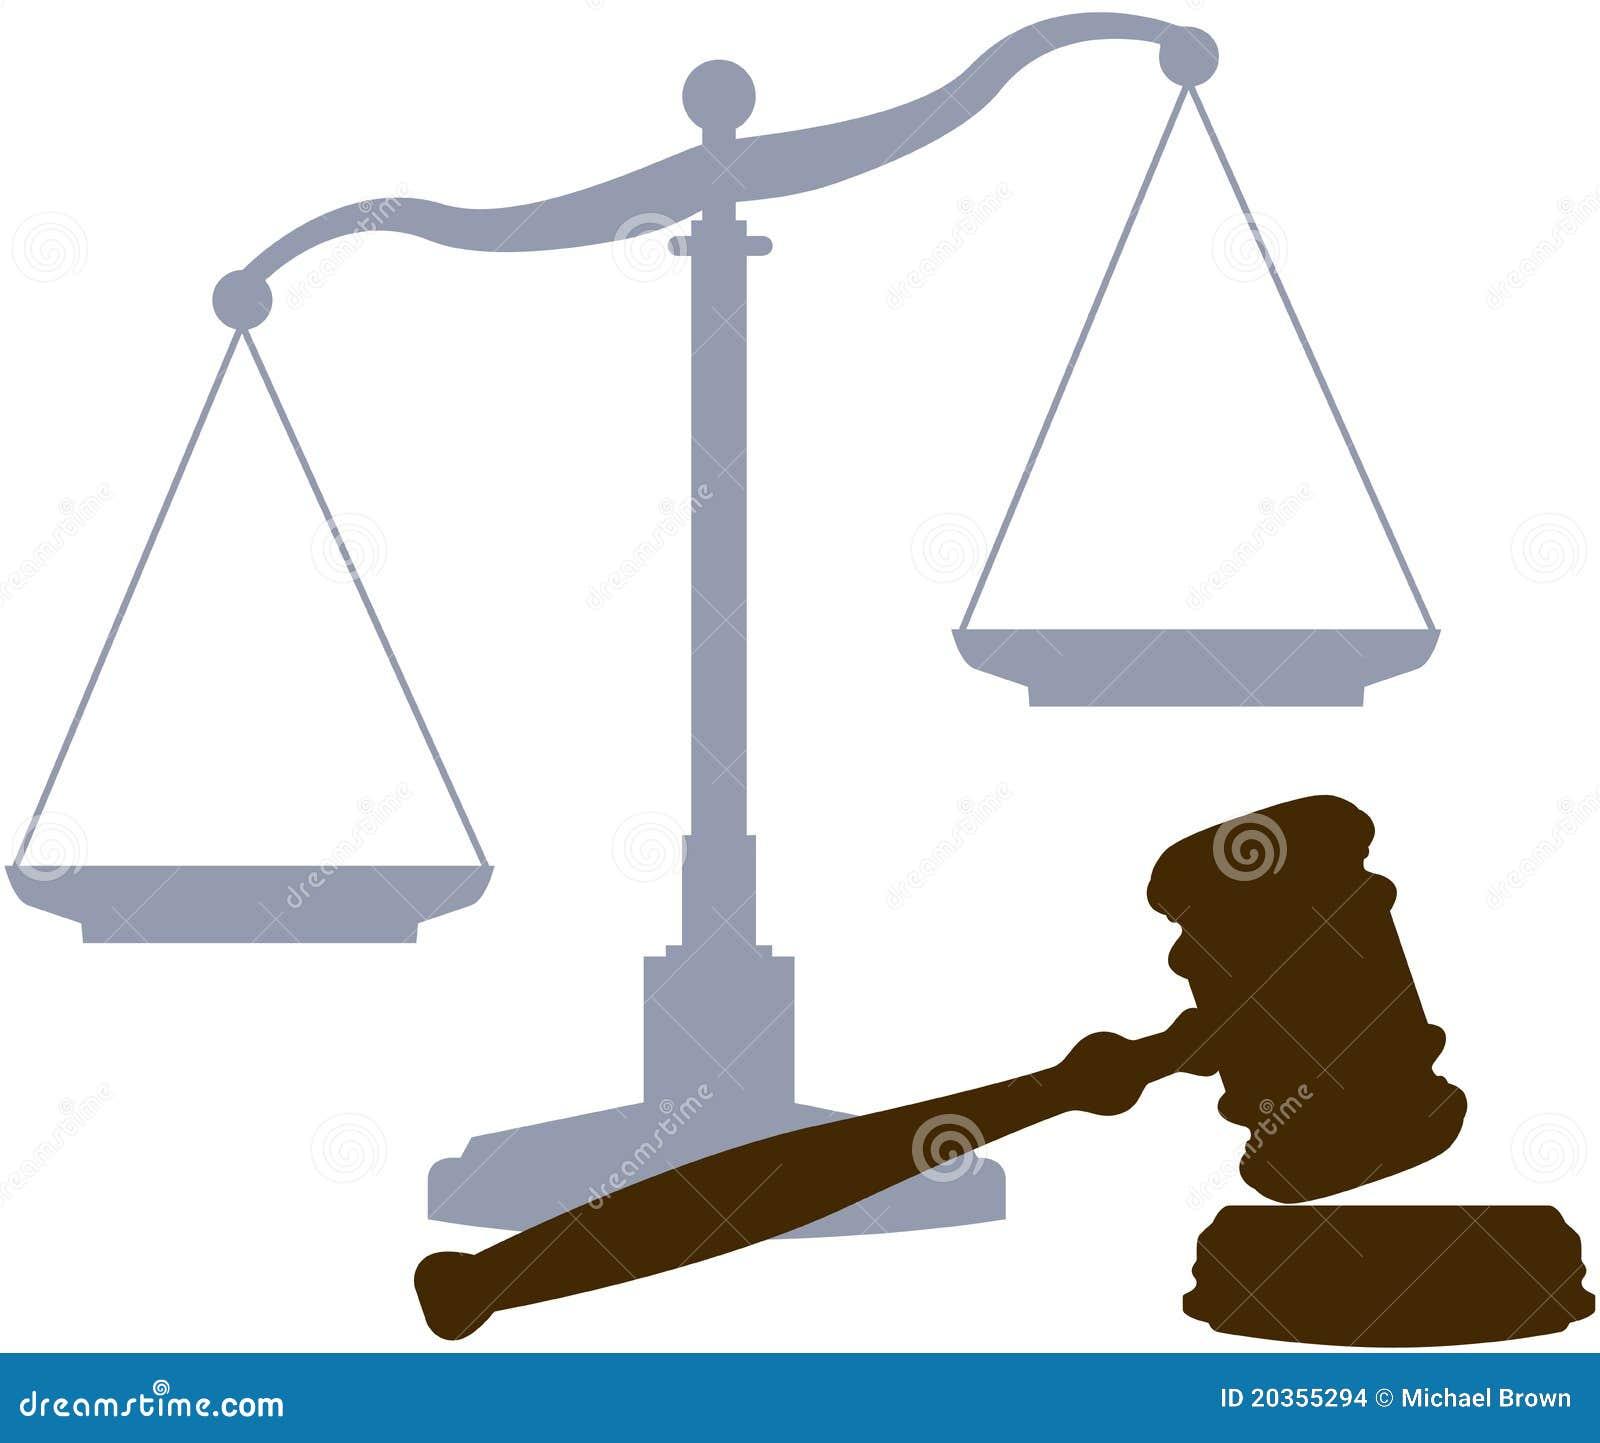 现场惊堂木正义合法的缩放比例符号&#